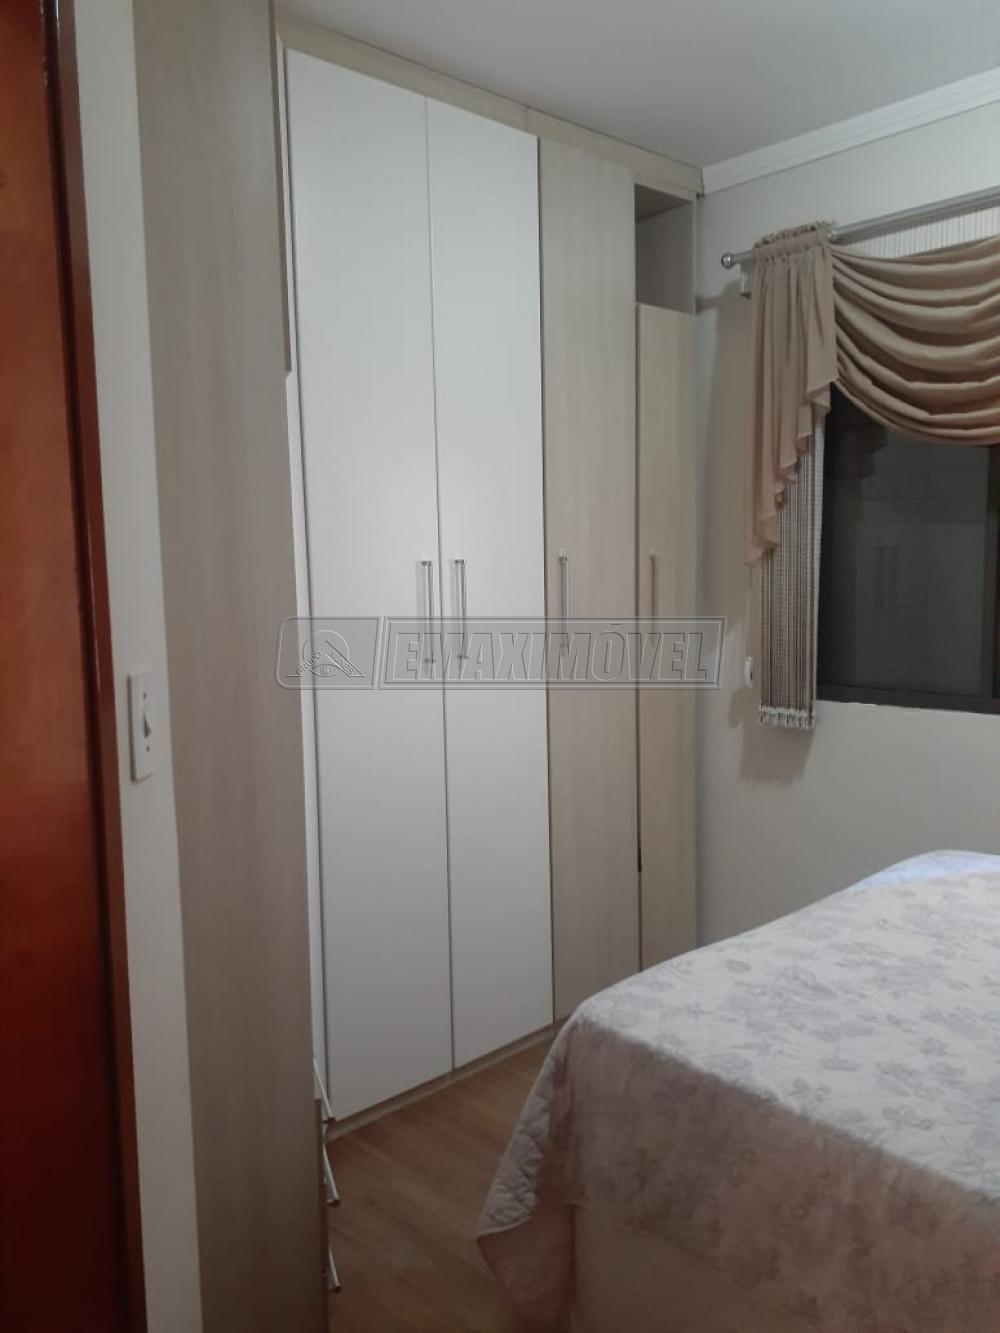 Comprar Apartamentos / Apto Padrão em Sorocaba R$ 285.000,00 - Foto 9